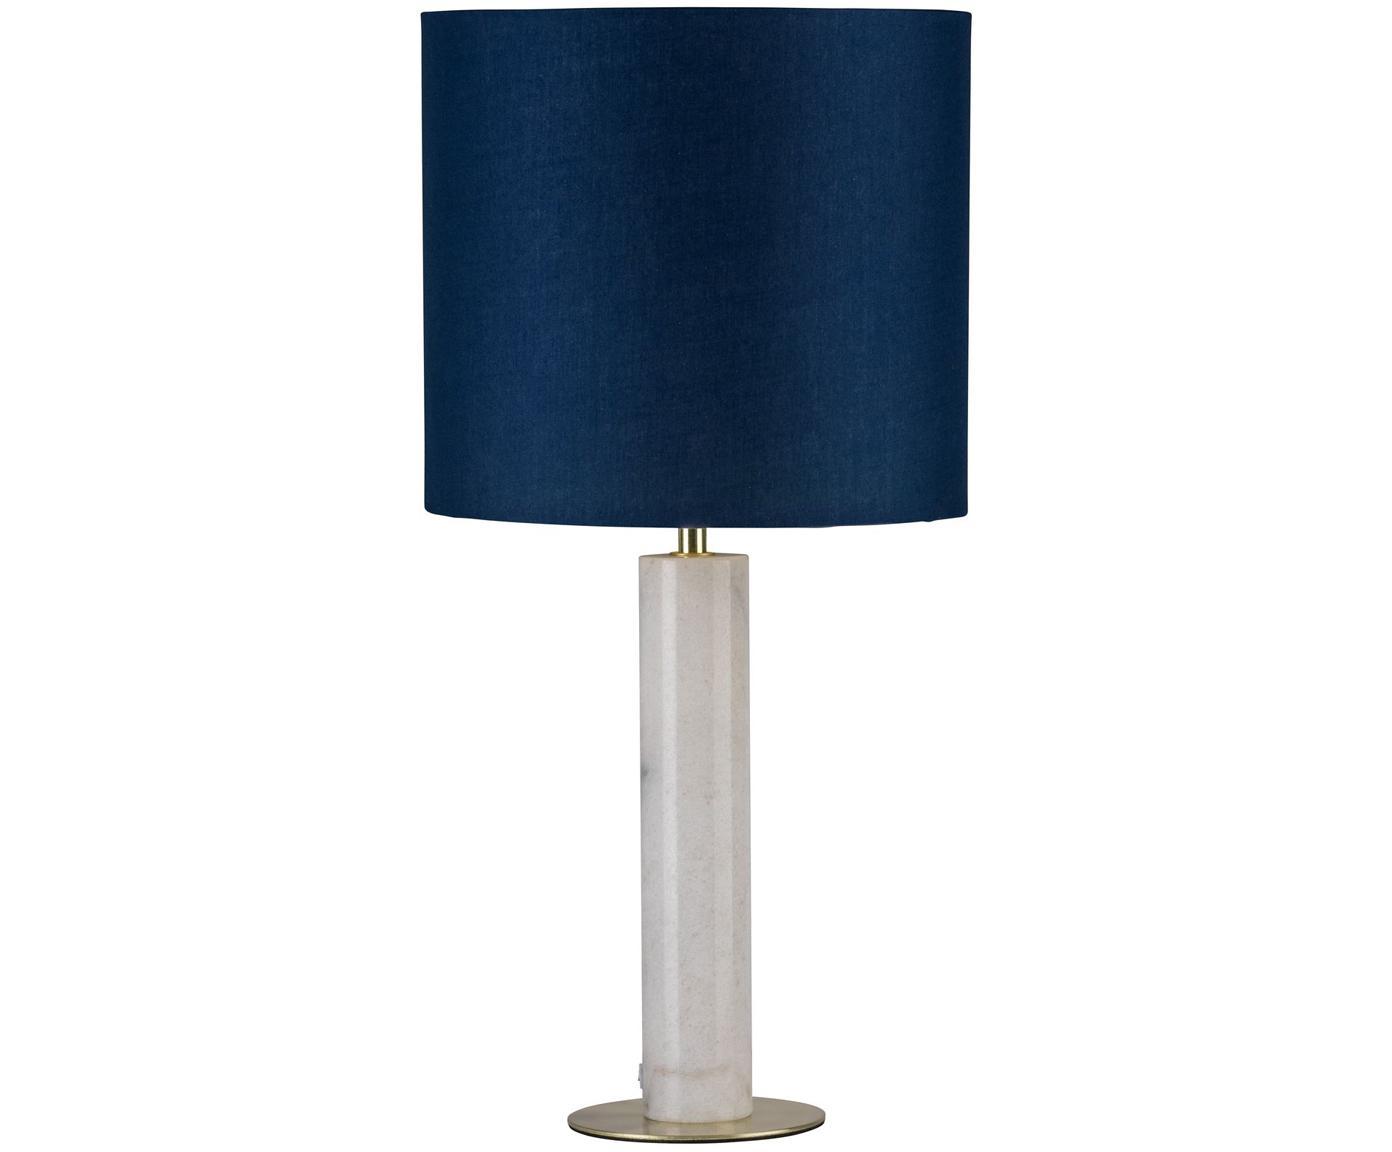 Lampada da tavolo in marmo Olar, Paralume: poliestere, Base della lampada: ottone spazzolato, Blu scuro, bianco, Ø 25 x Alt. 51 cm